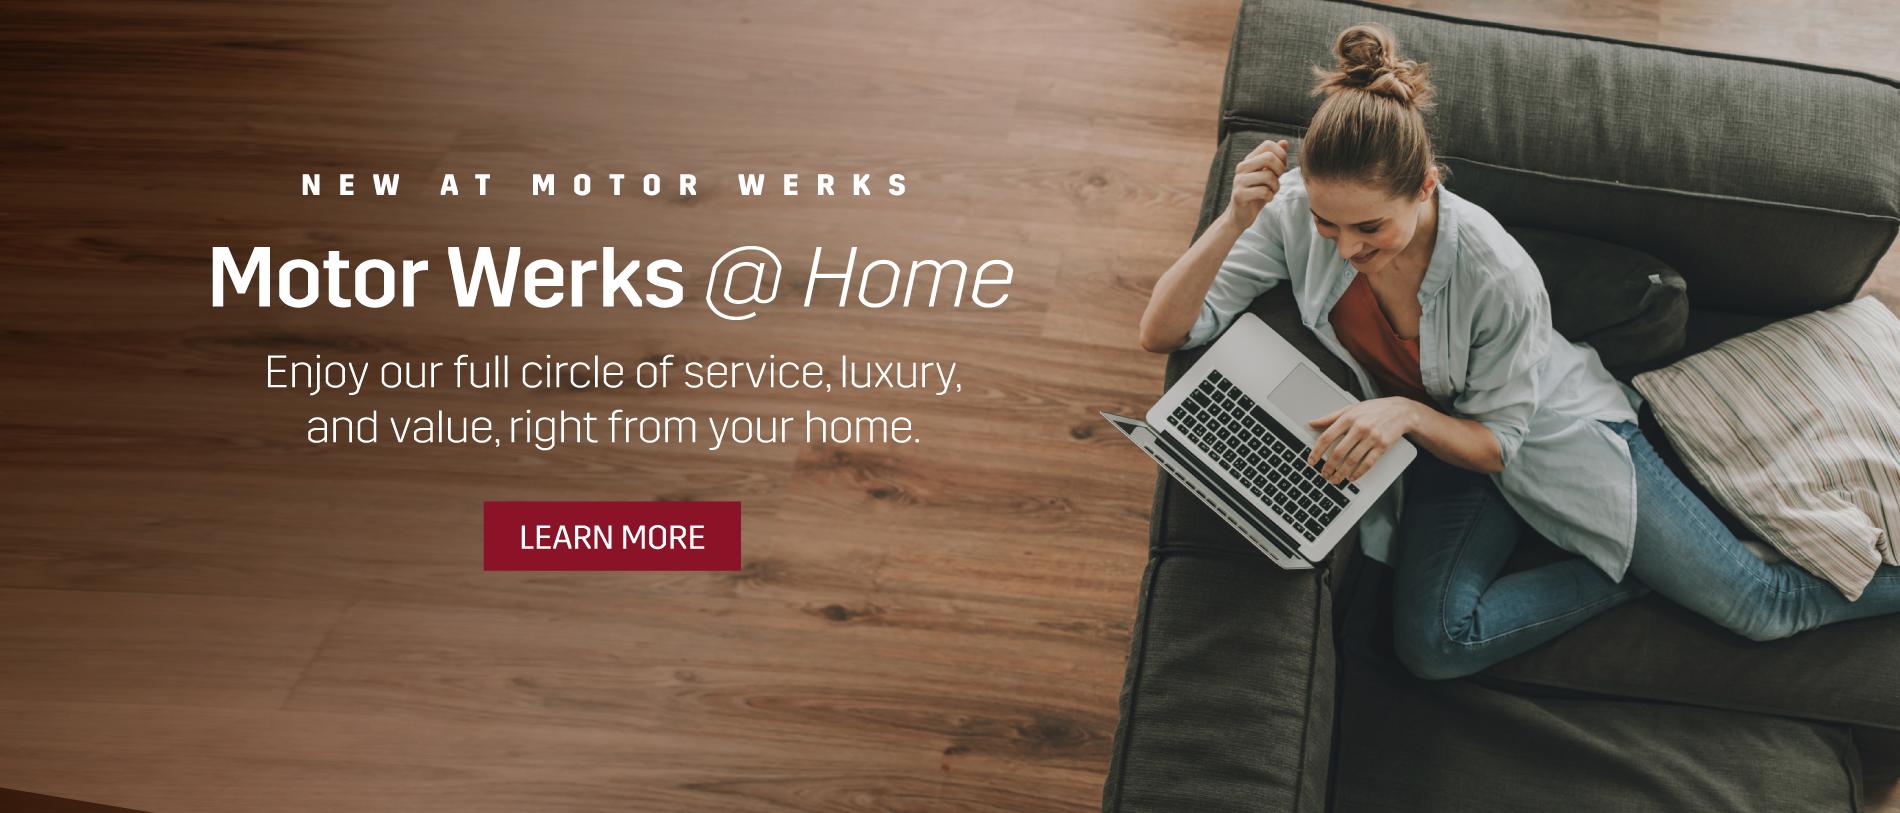 Motor Werks @ Home